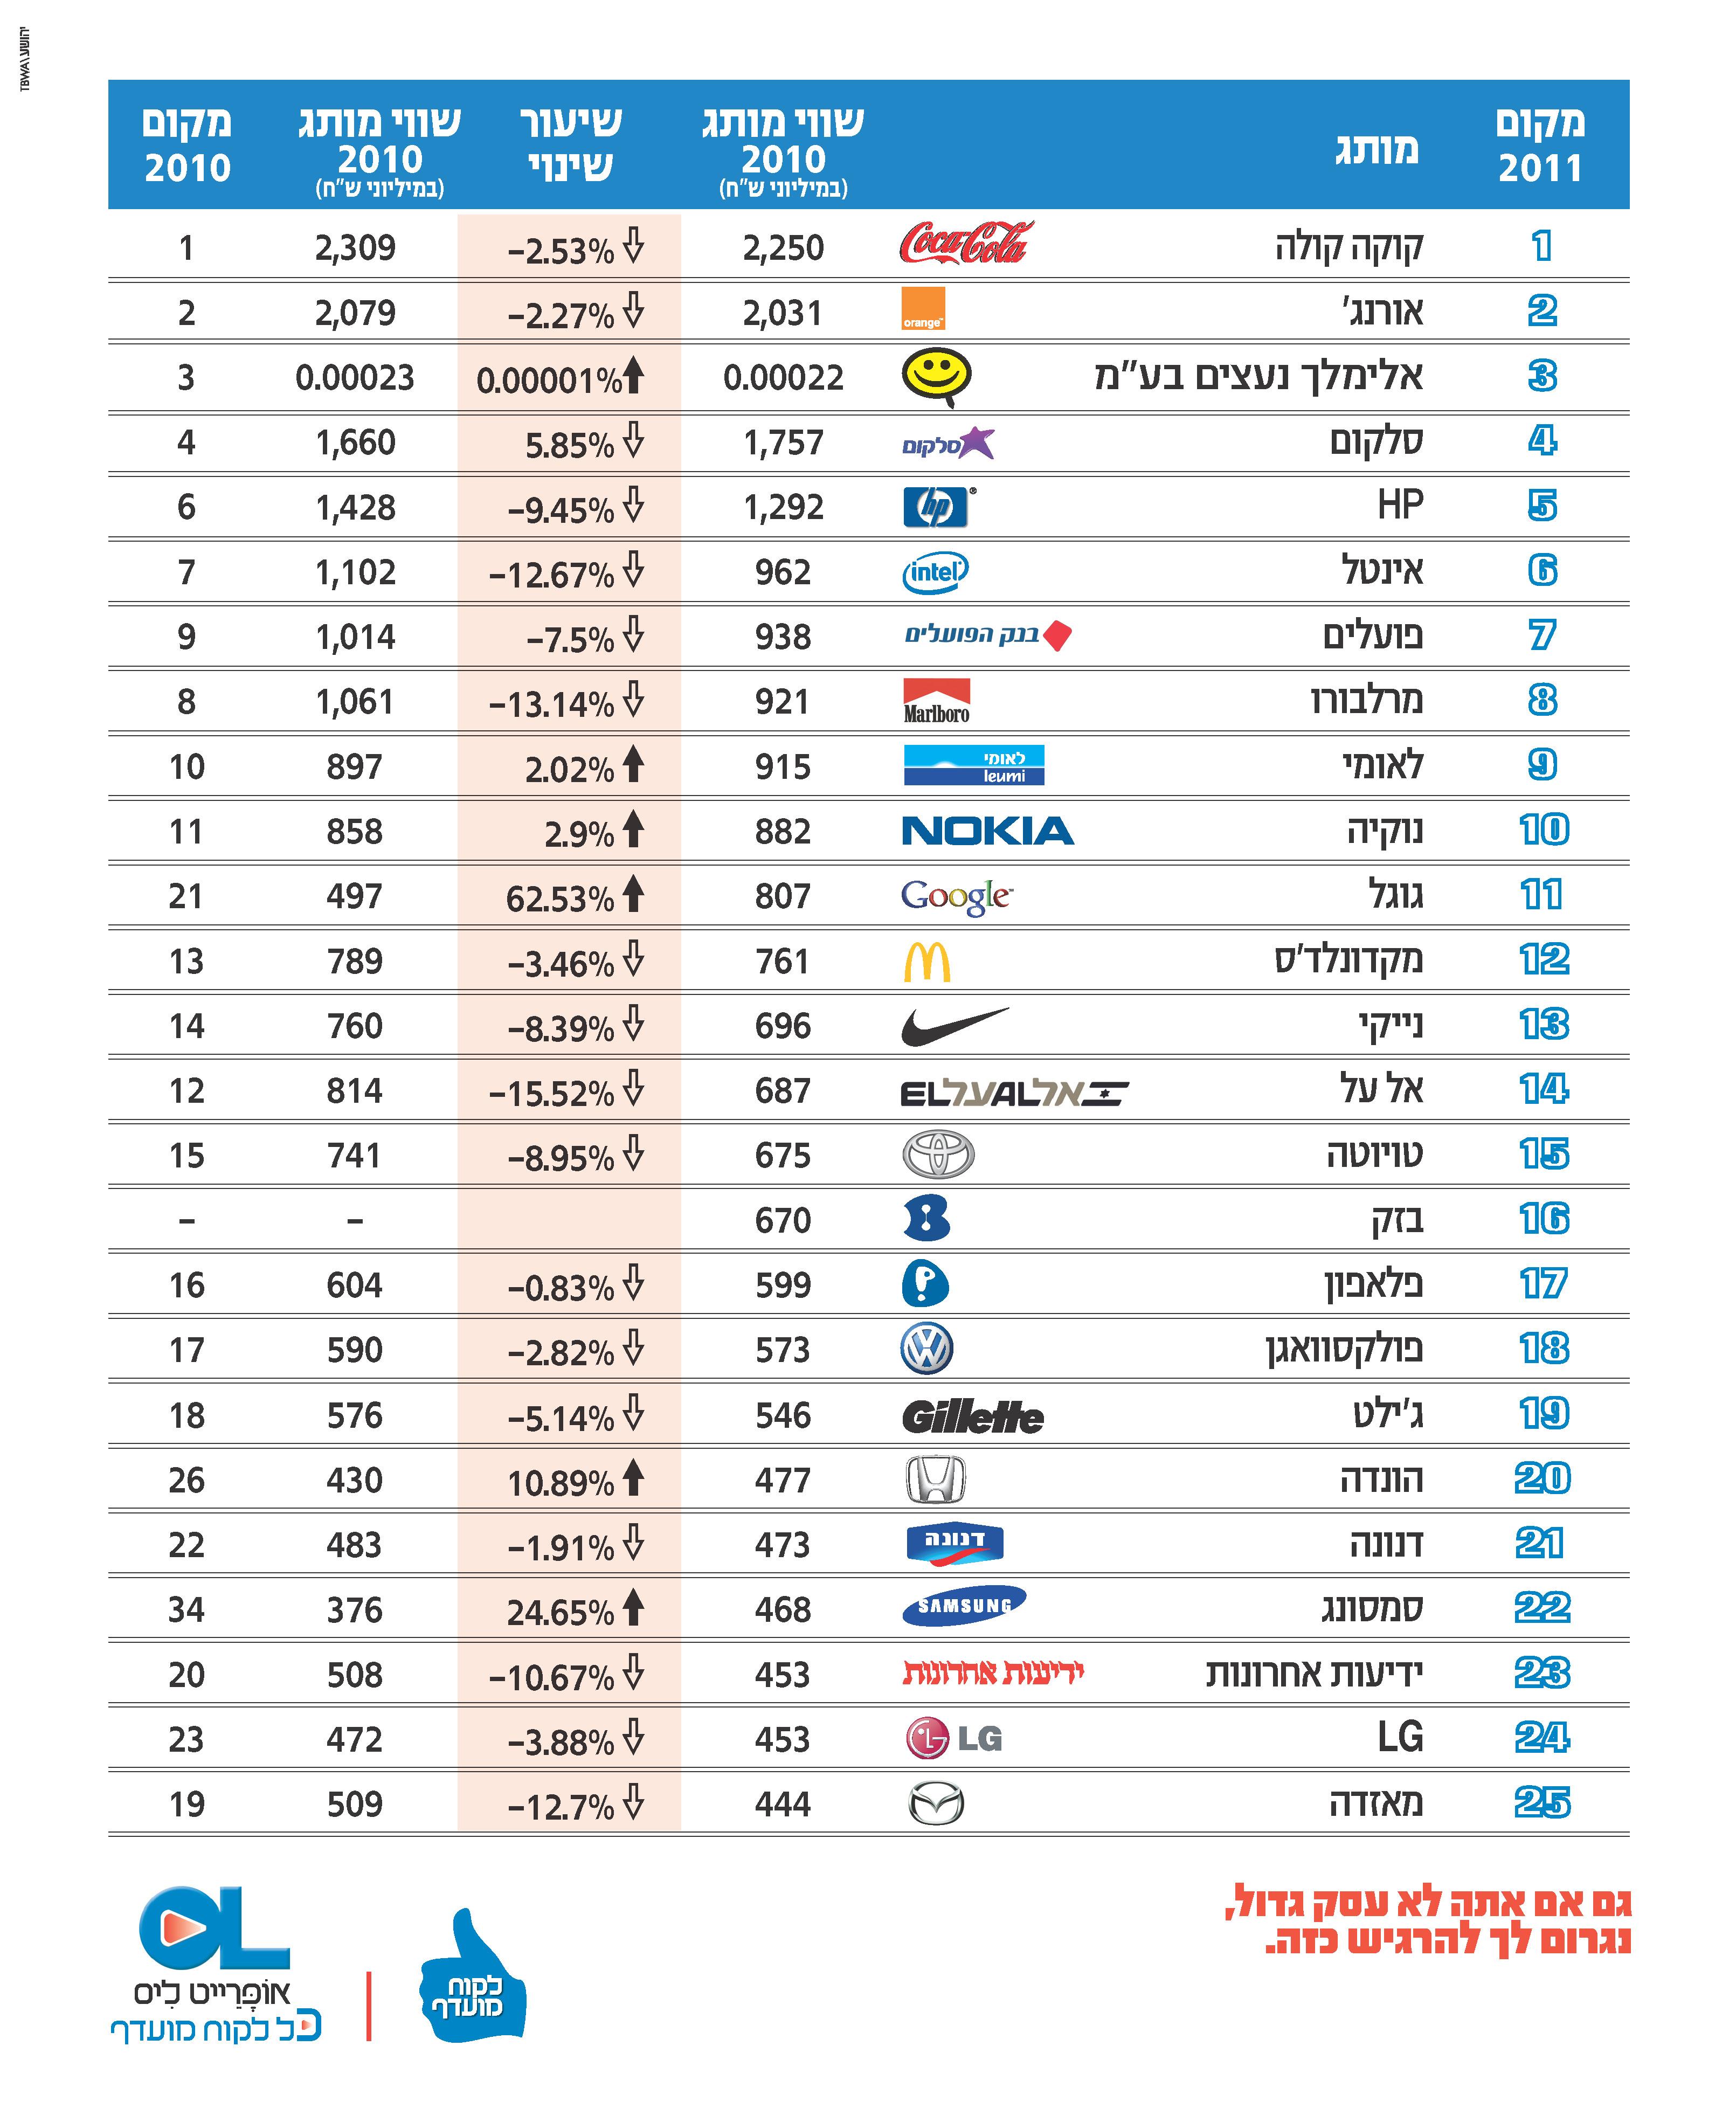 מדד המותגים 2011 - יהושע\TBWA